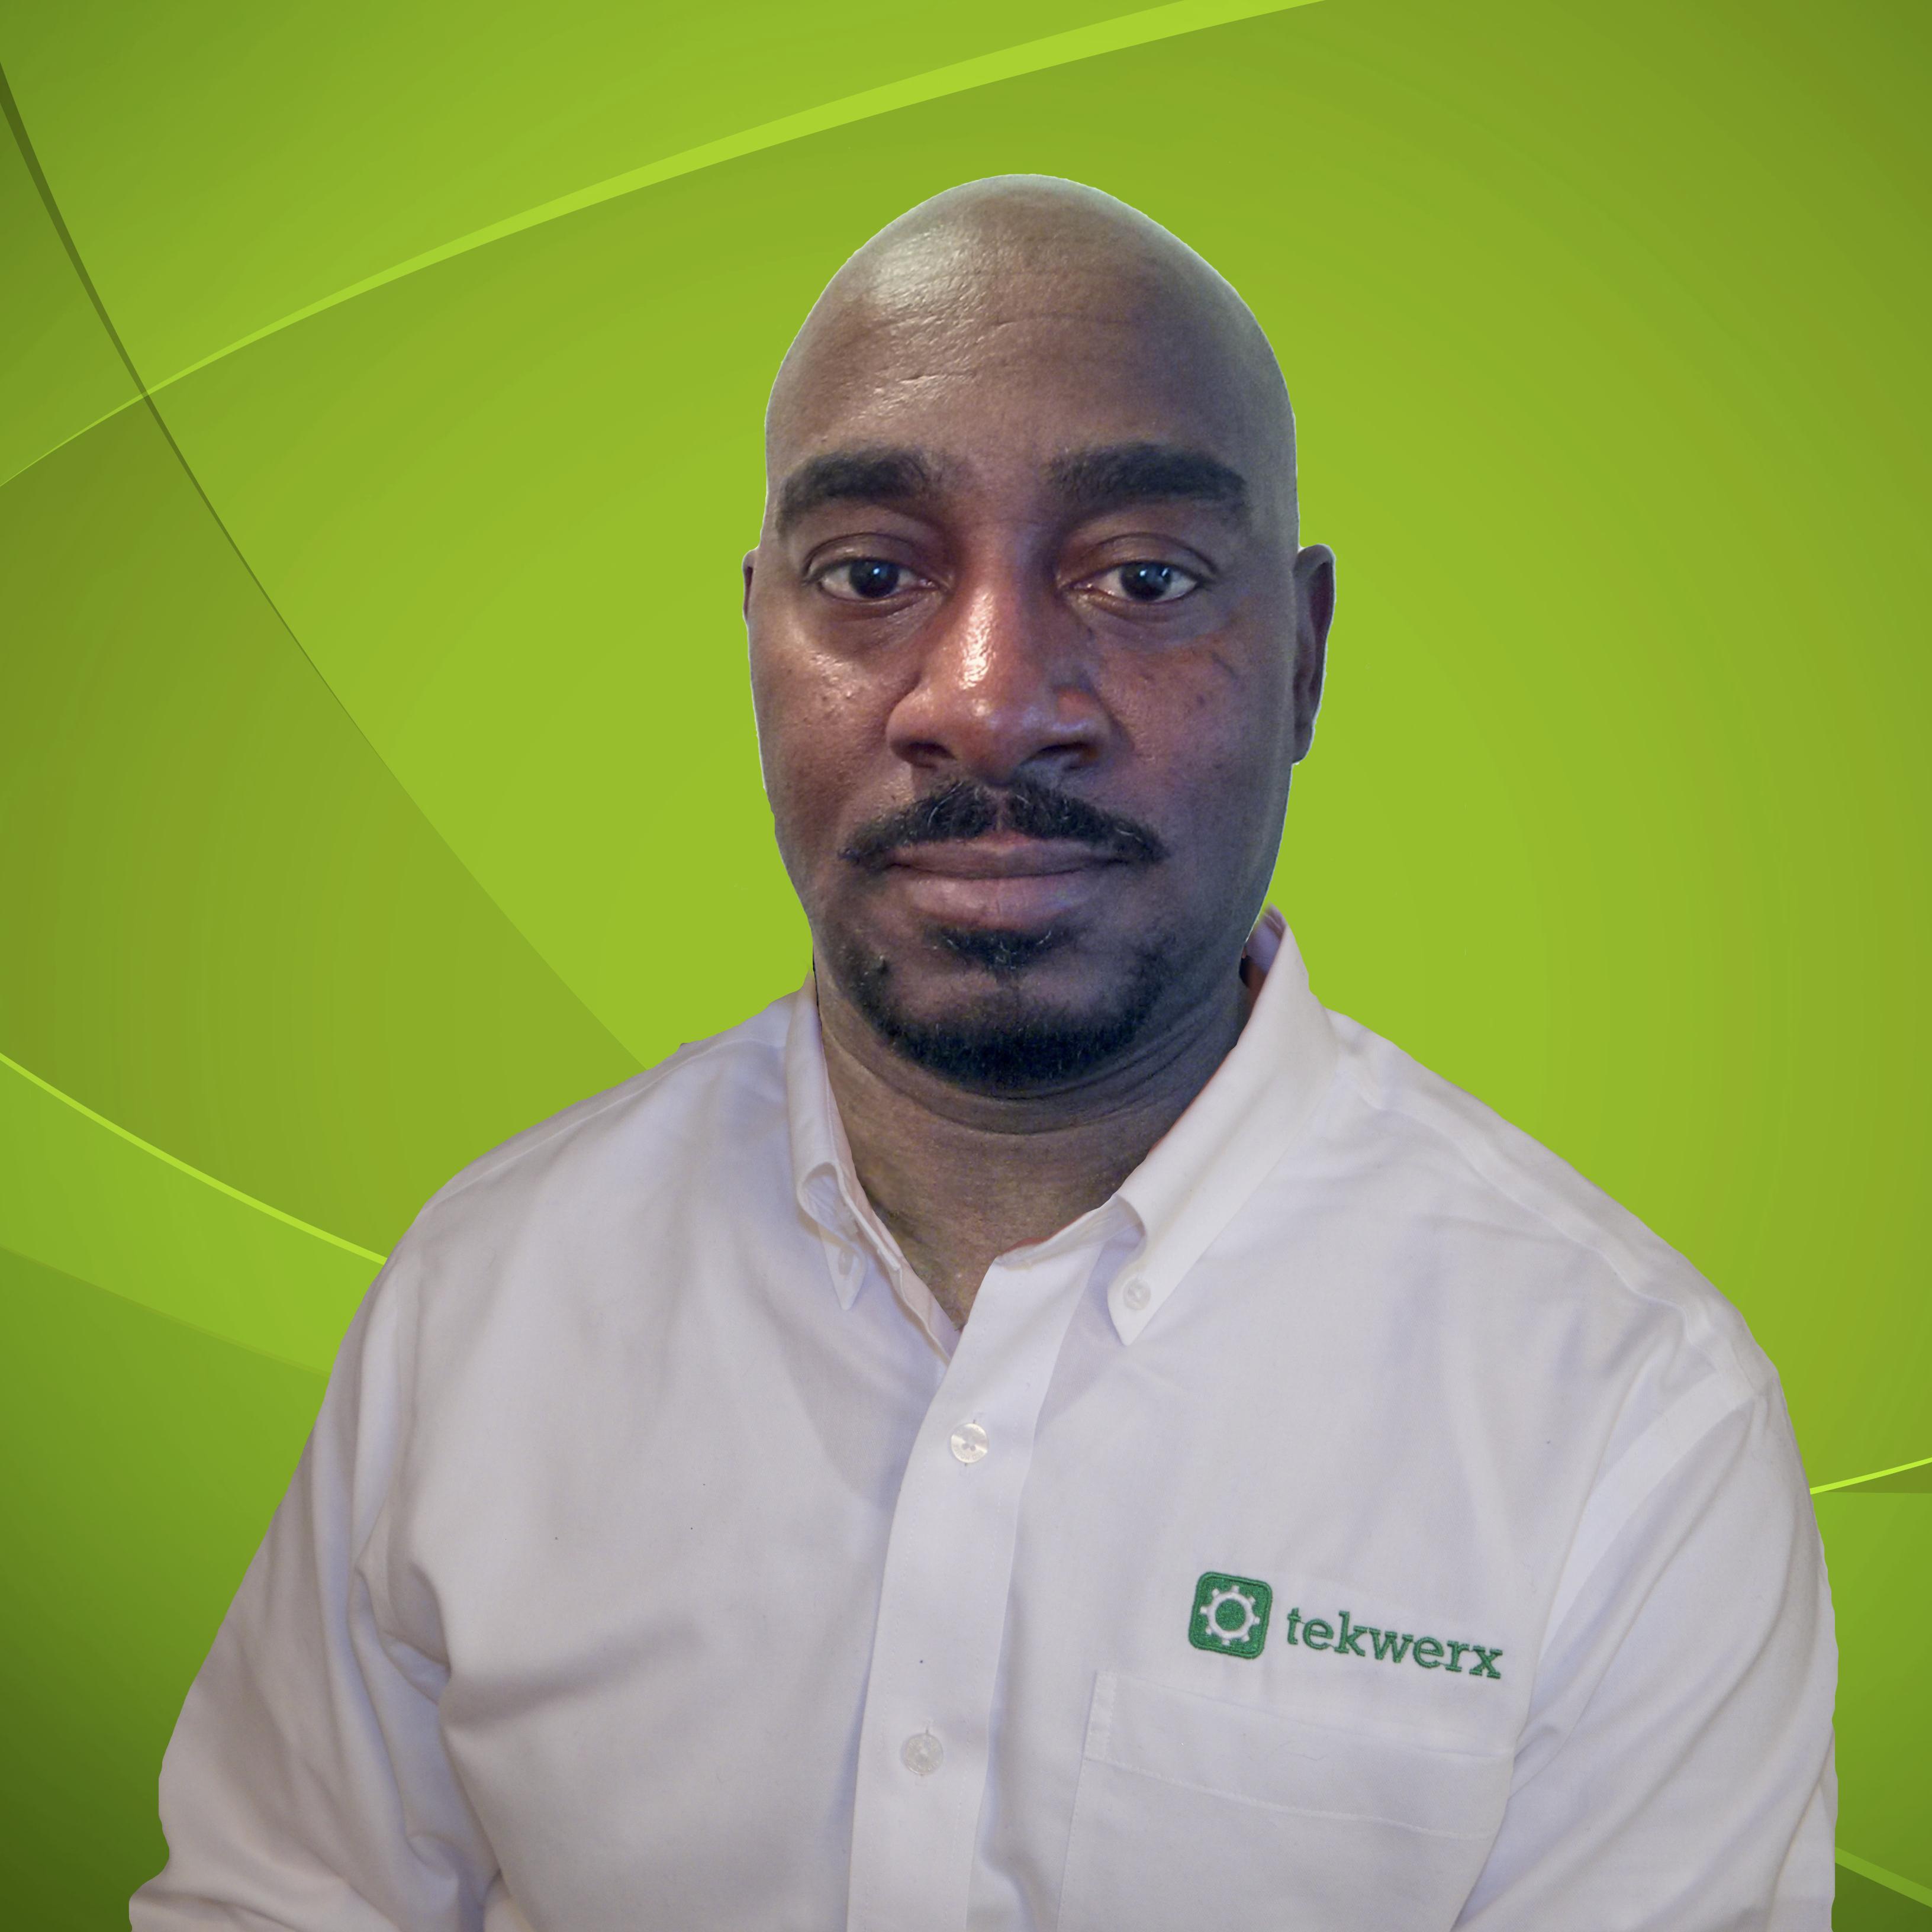 Ozzie Foster, a tekwerx employee